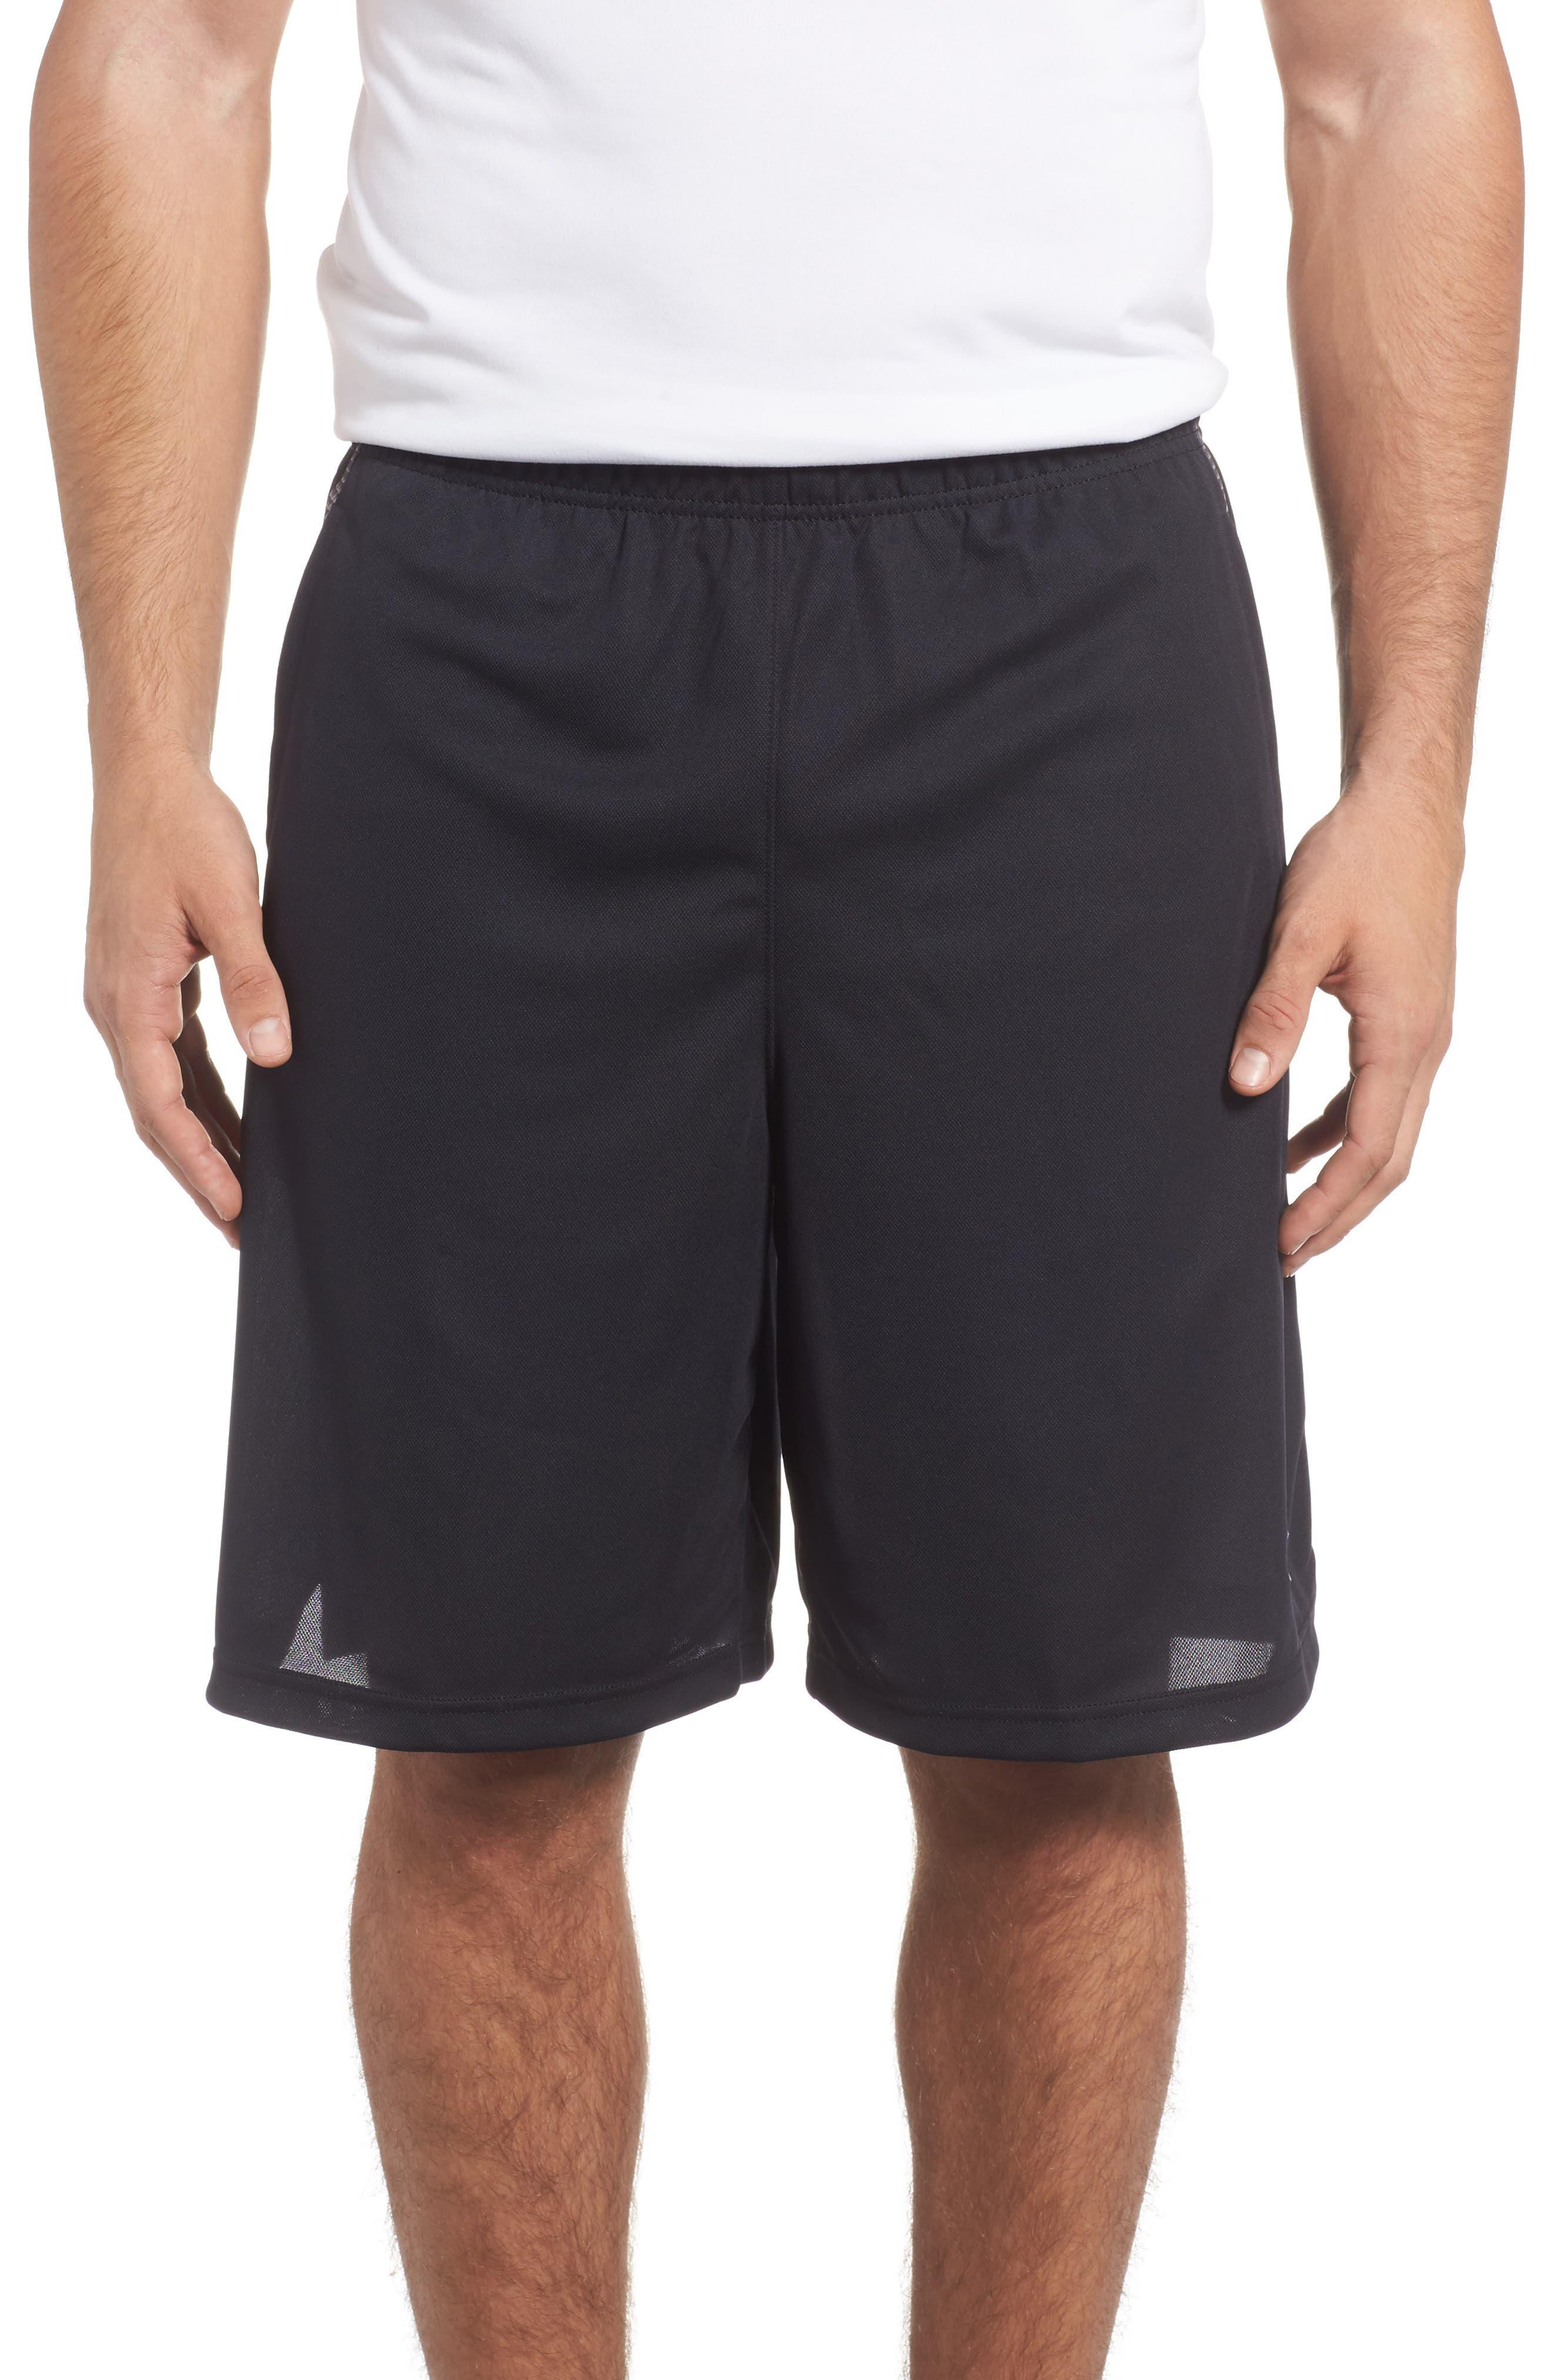 Select Basketball Shorts,                             Main thumbnail 1, color,                             001